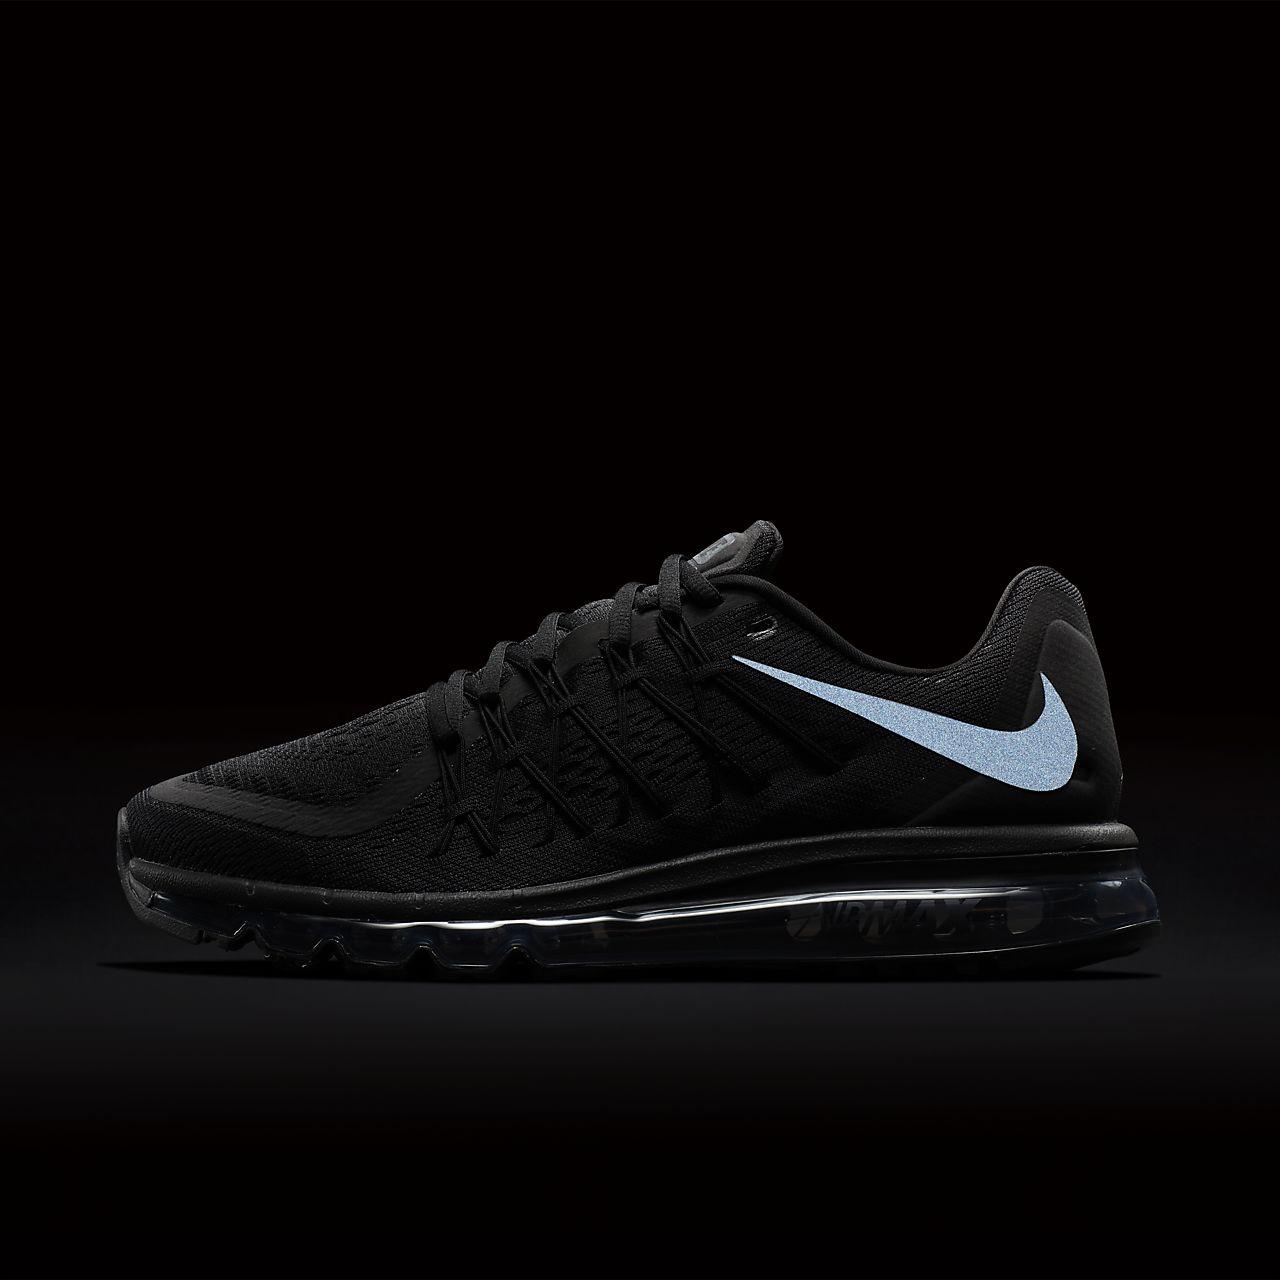 35b9f3914998 Nike Air Max 2015 Men s Shoe. Nike.com AU